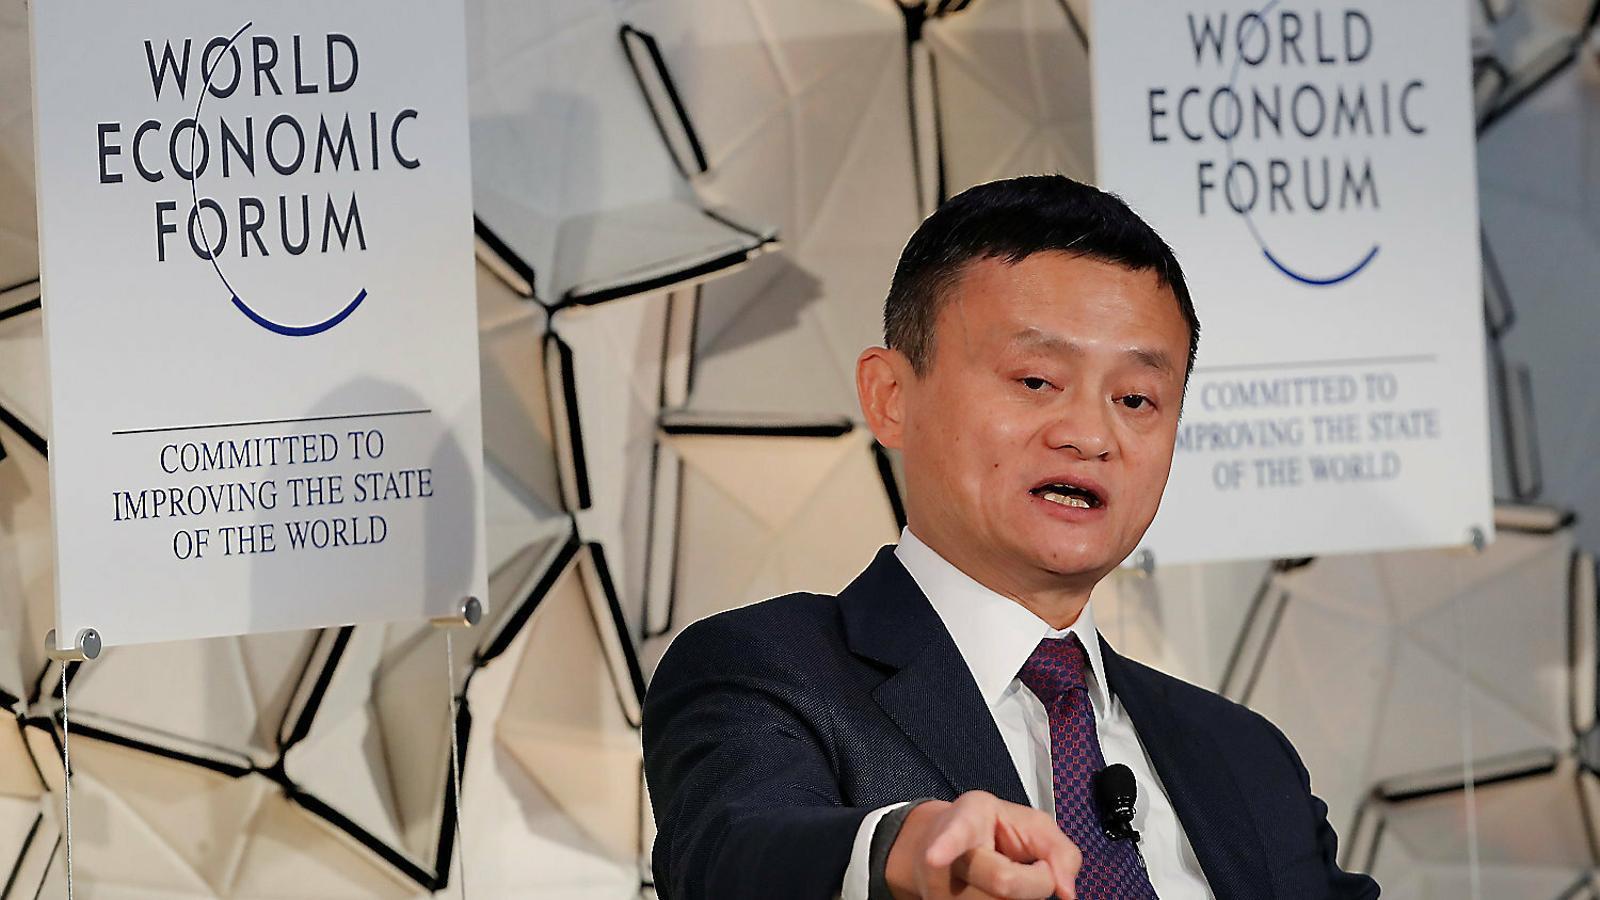 La recepta de Jack Ma: Treballar 12 hores al dia, 6 dies a la setmana